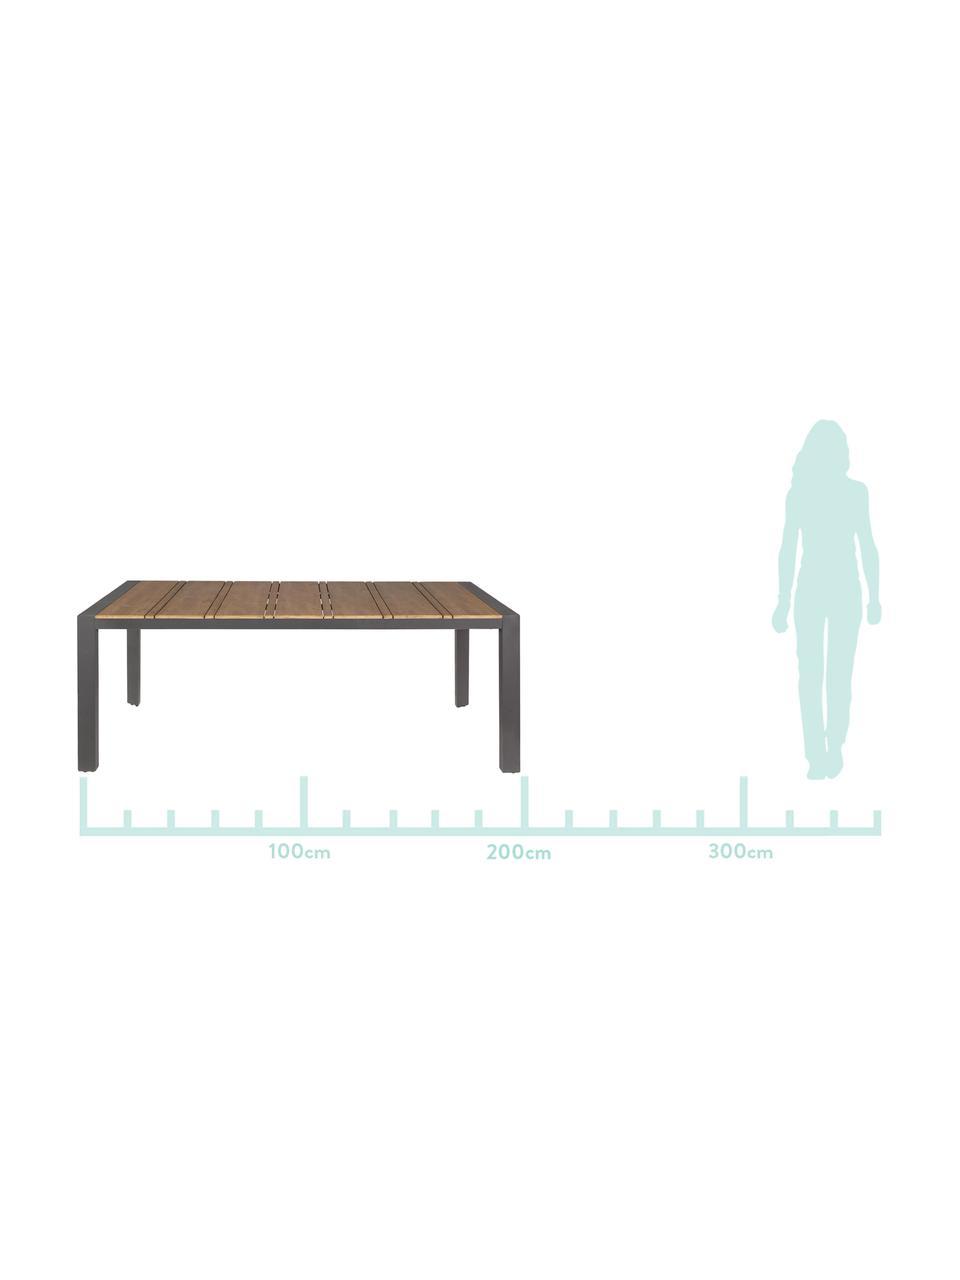 Stół ogrodowy Elias, Blat: sklejka powlekana, Nogi: aluminium malowane proszk, Antracytowy, brązowy, S 198 x G 100 cm